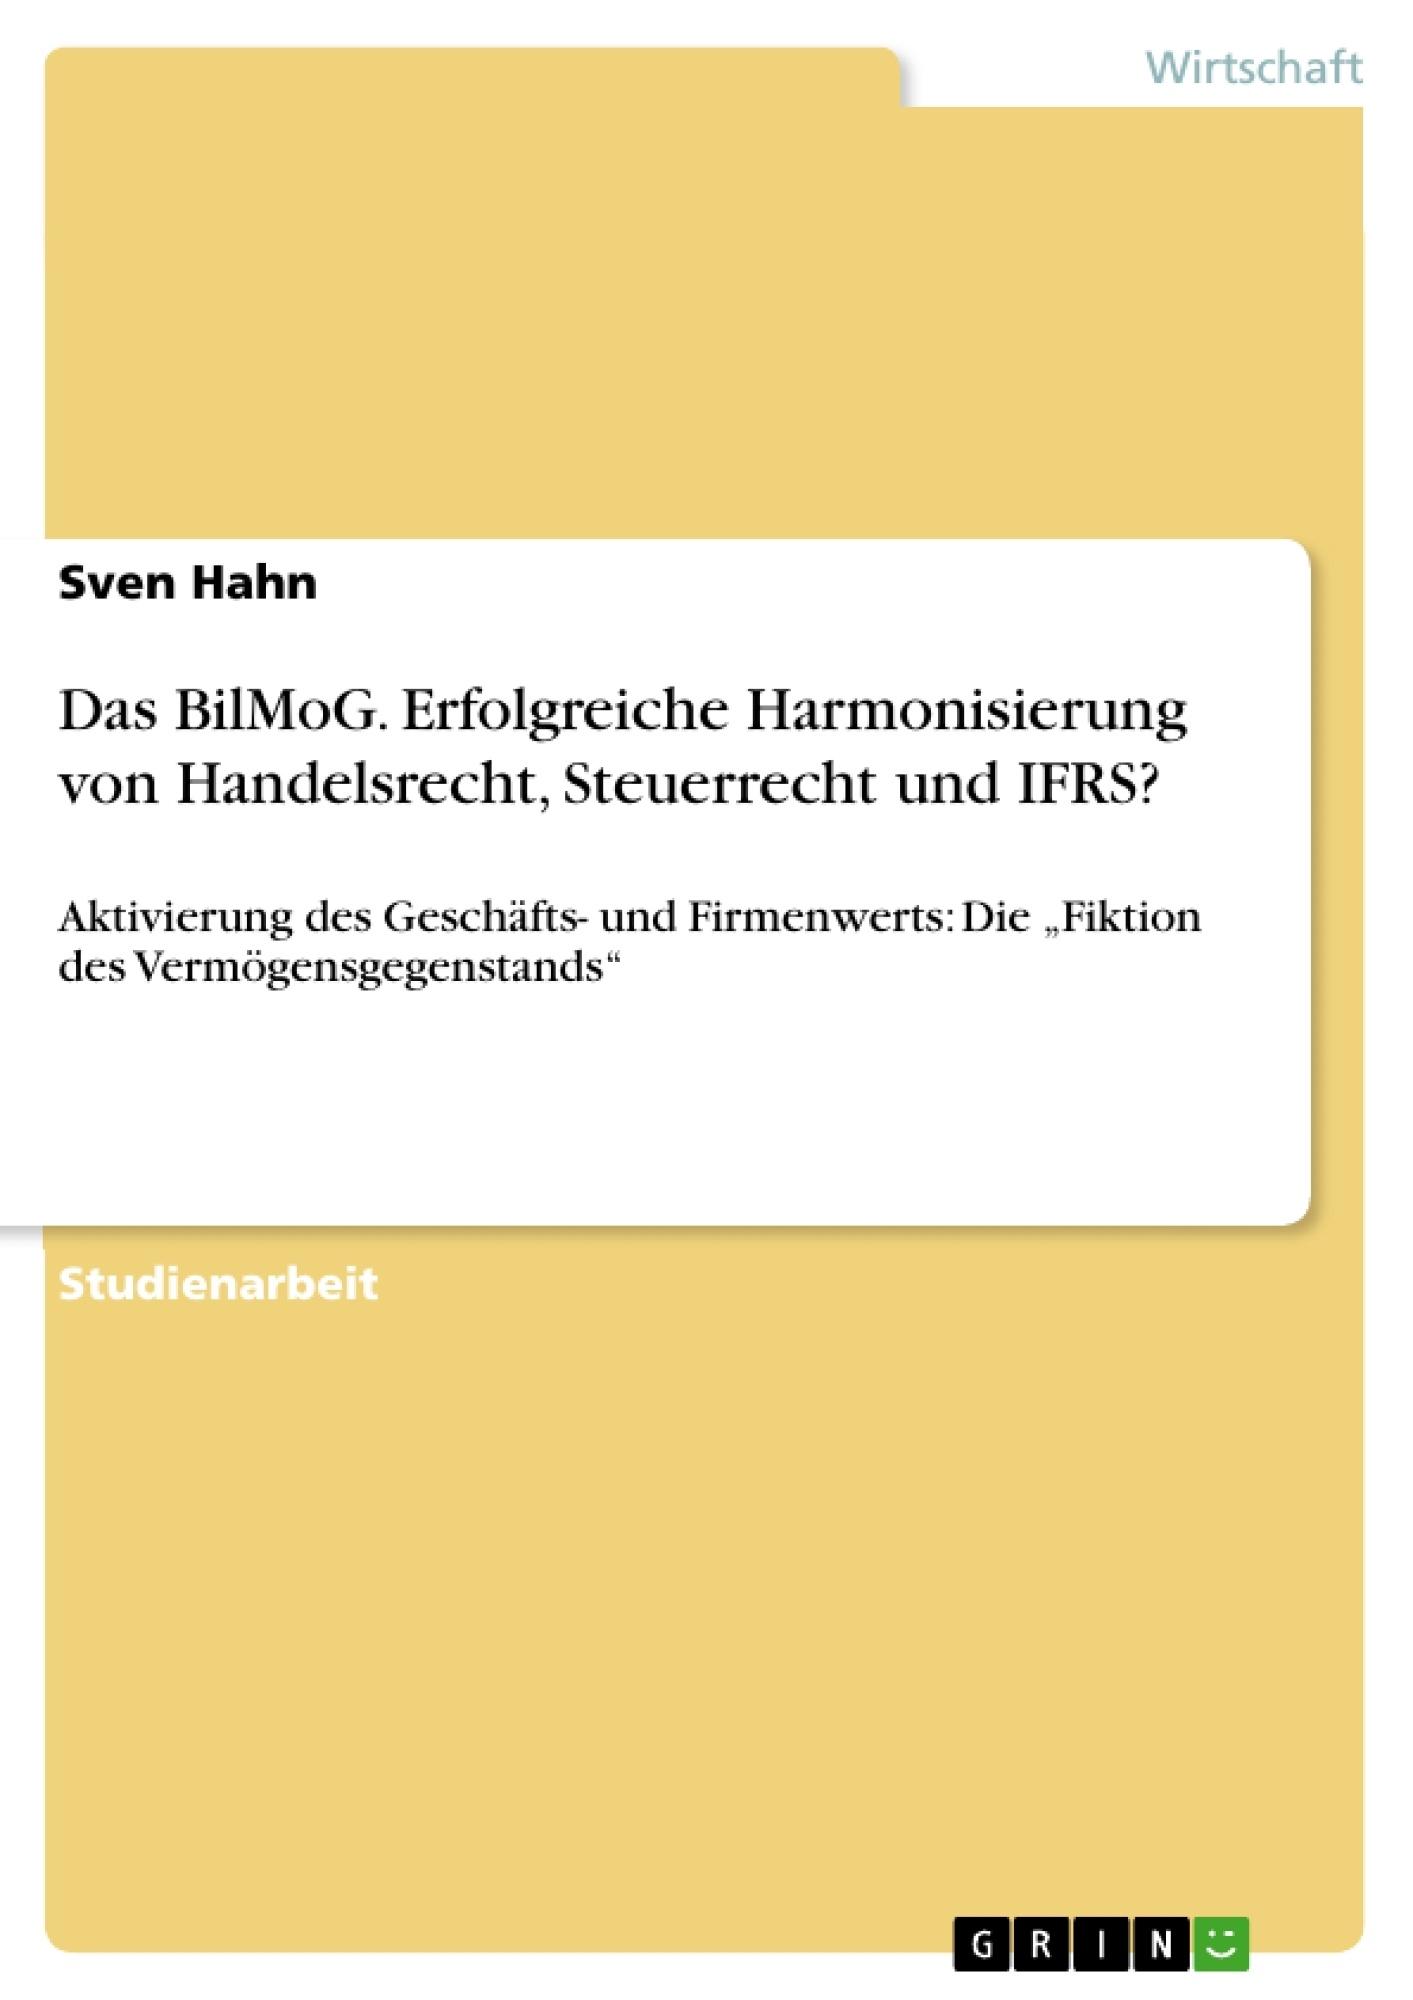 Titel: Das BilMoG. Erfolgreiche Harmonisierung von Handelsrecht, Steuerrecht und IFRS?